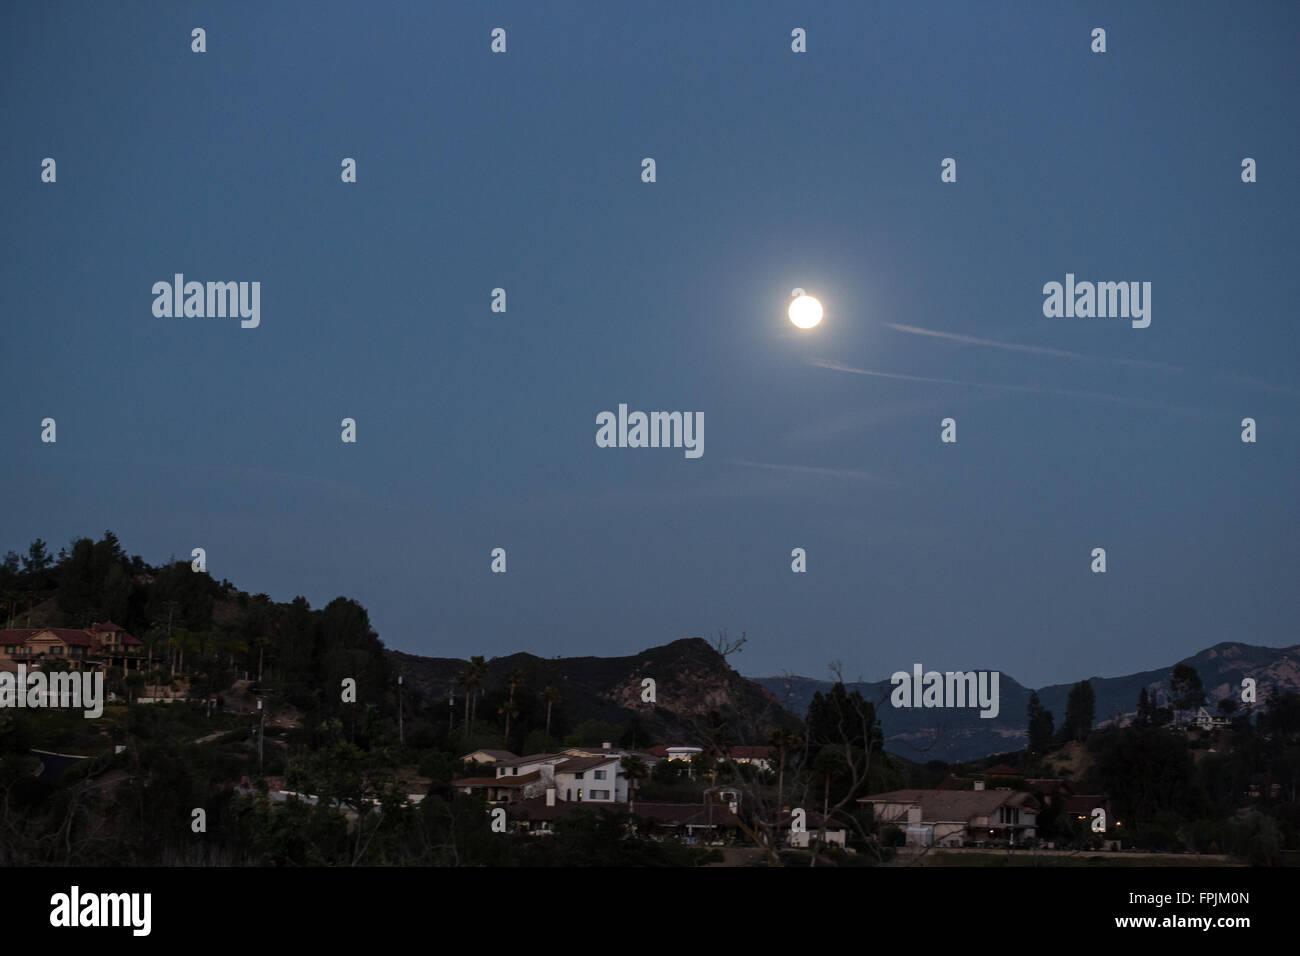 Moon over Agoura, California - Stock Image